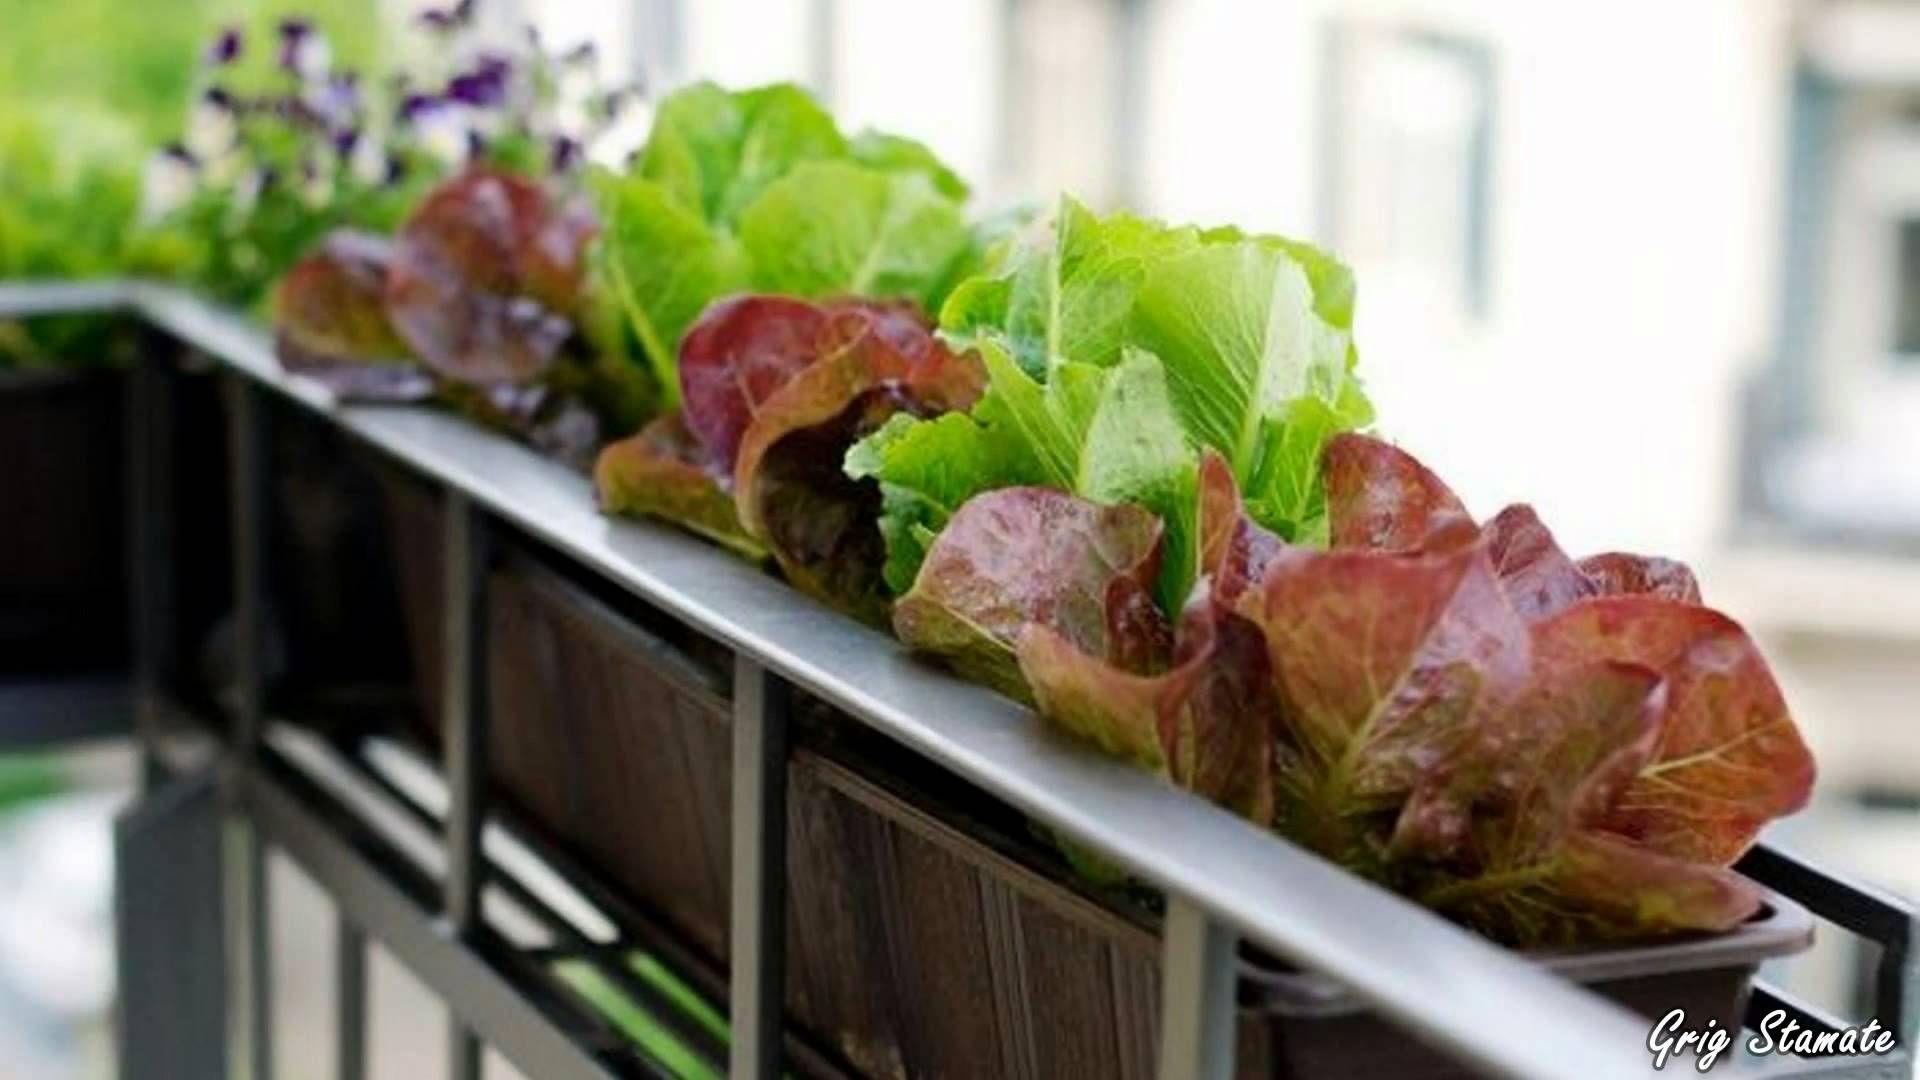 Home vegetable garden design  Balcony Vegetable Garden Ideas for Apartments  Lets go green